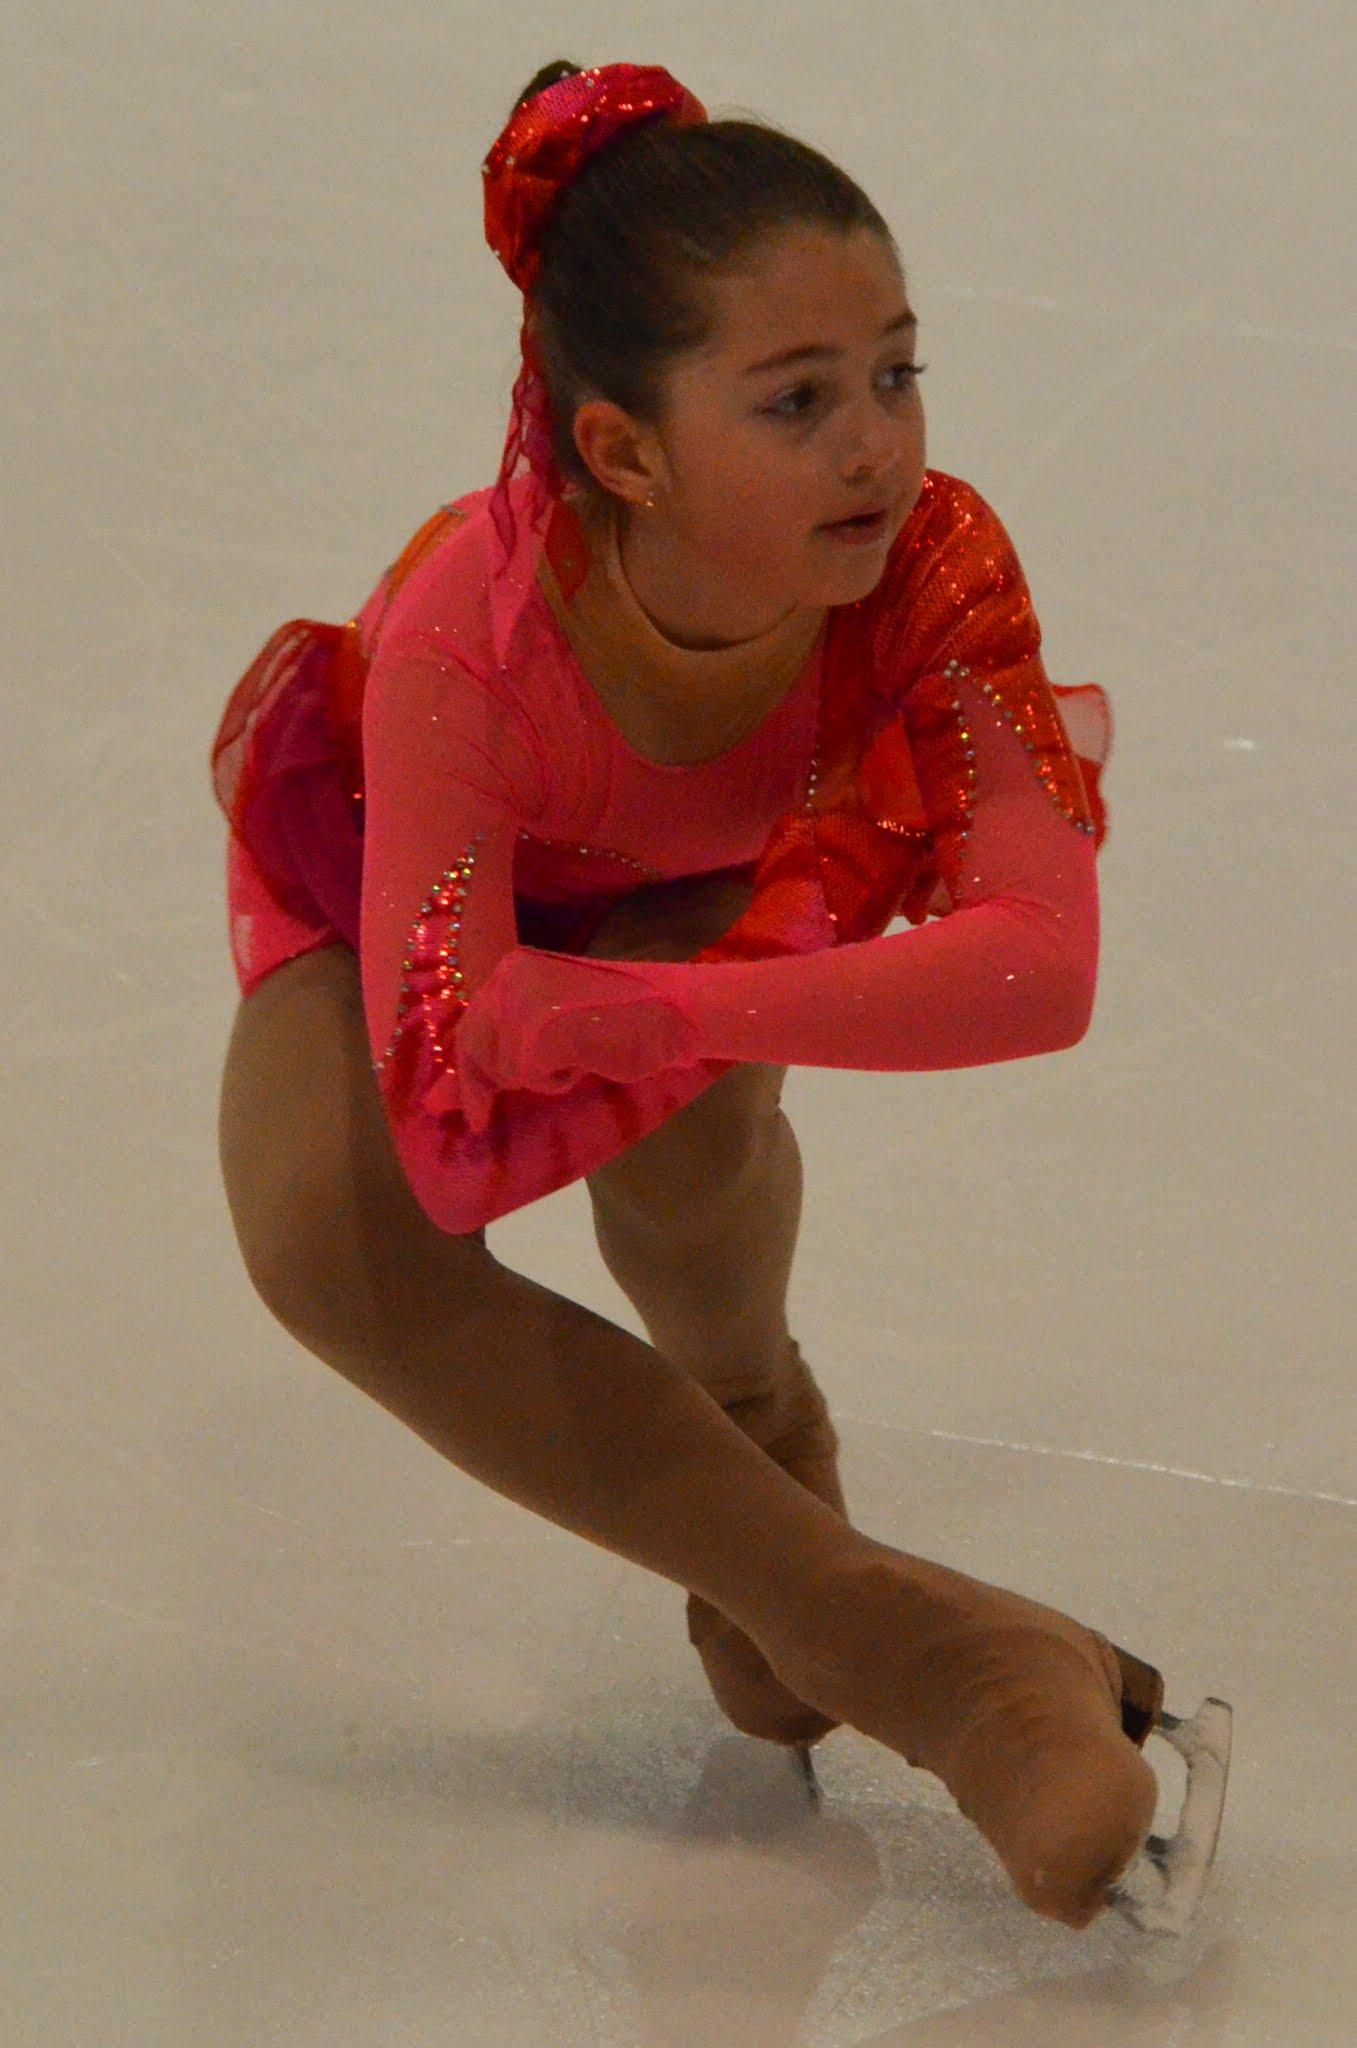 Lorena Braun